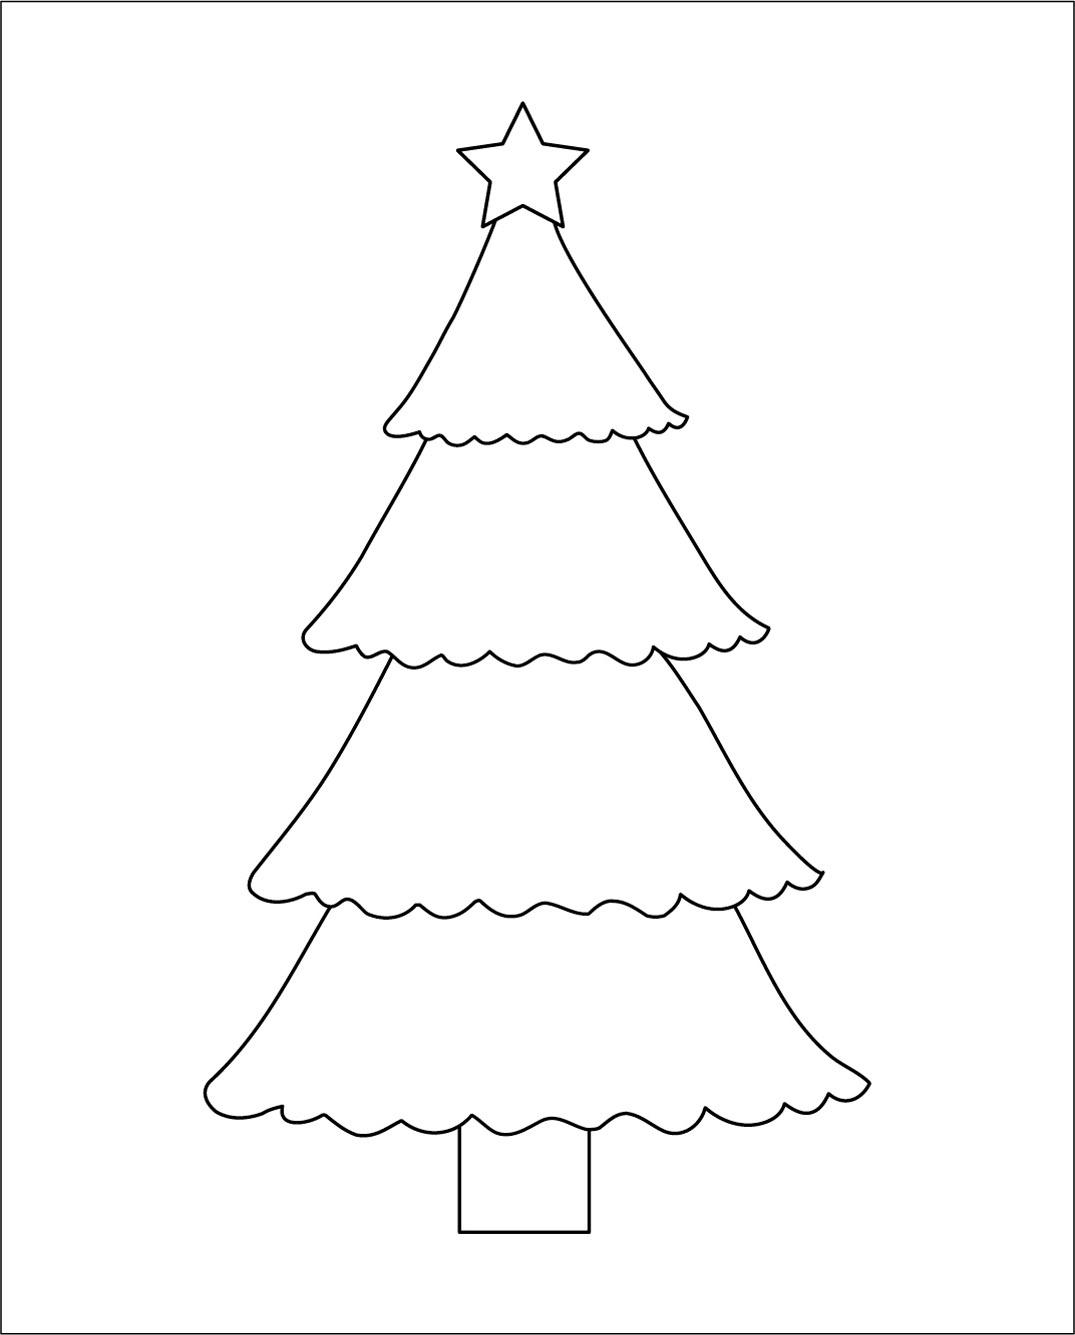 レク素材 クリスマスツリー介護レク広場レク素材やレクネタ企画書